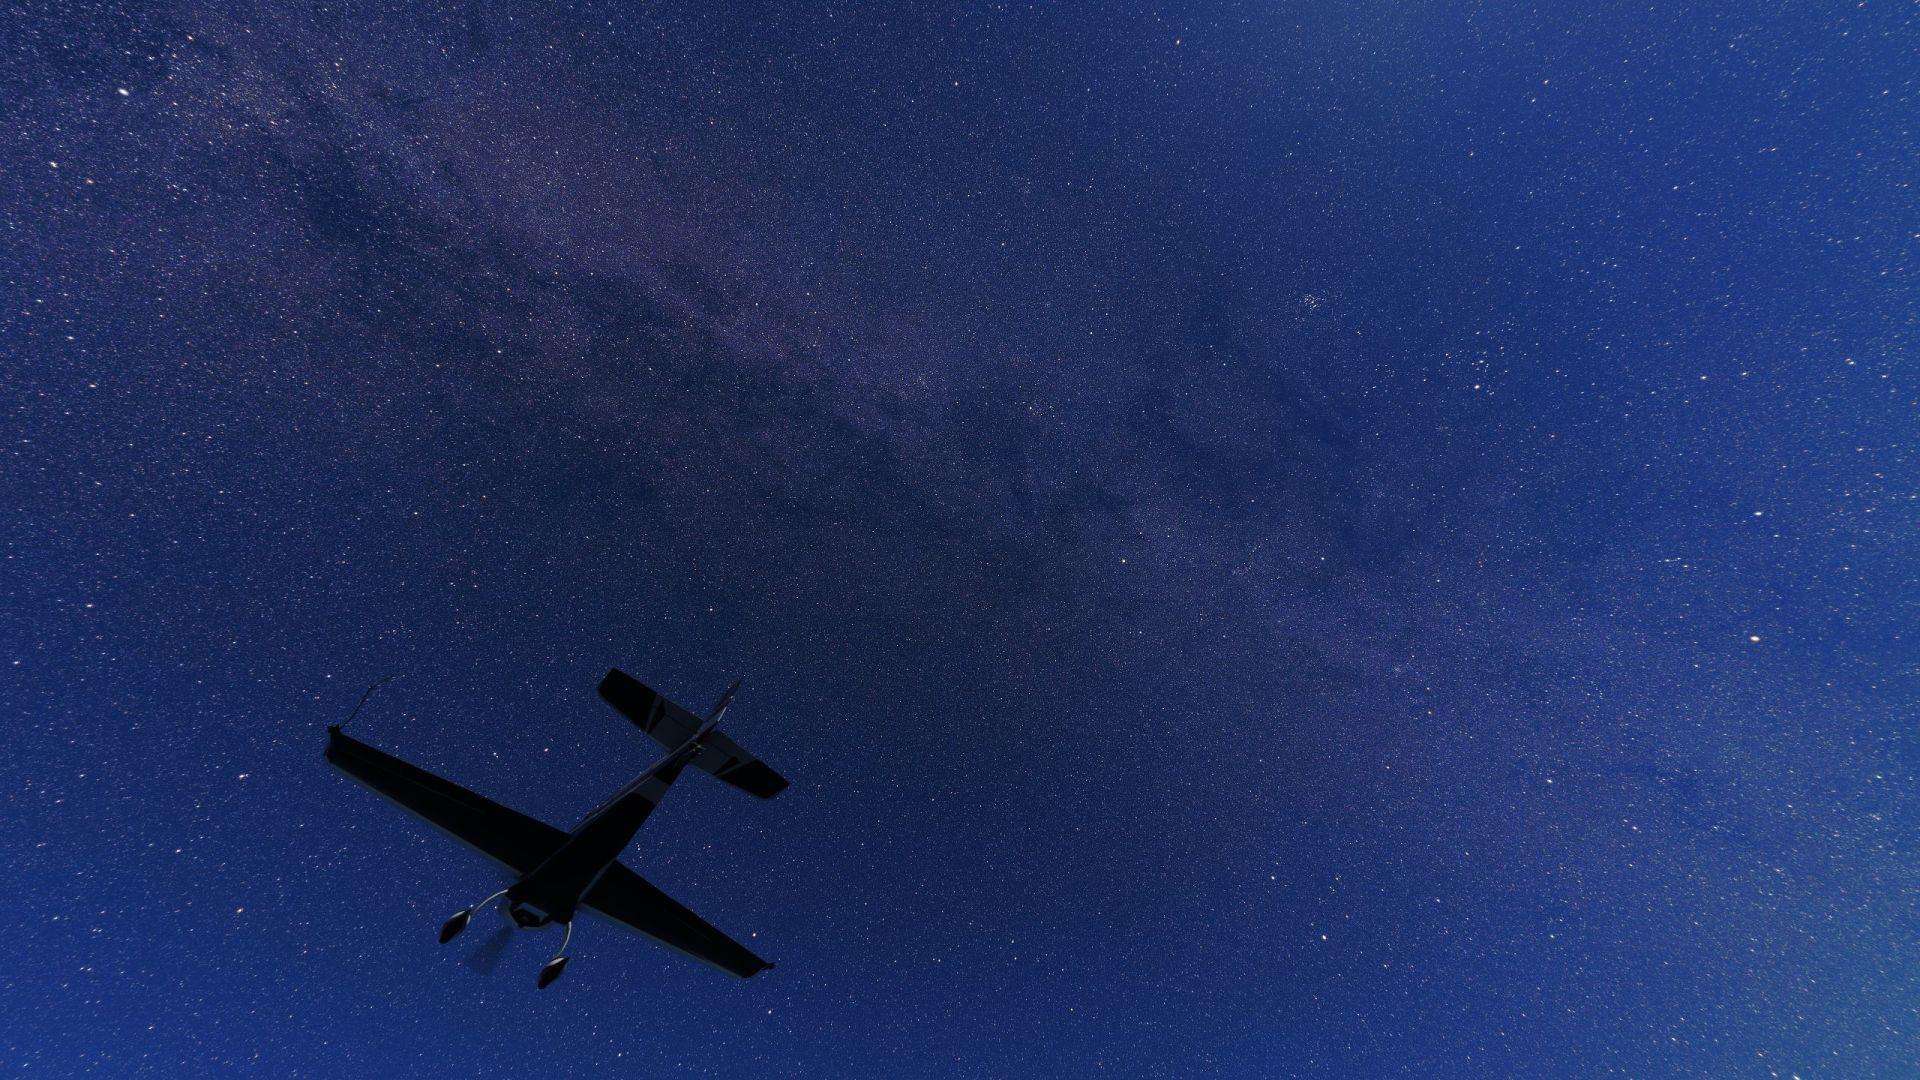 En Microsoft Flight Simulator, un avión vuela por debajo de la vía láctea